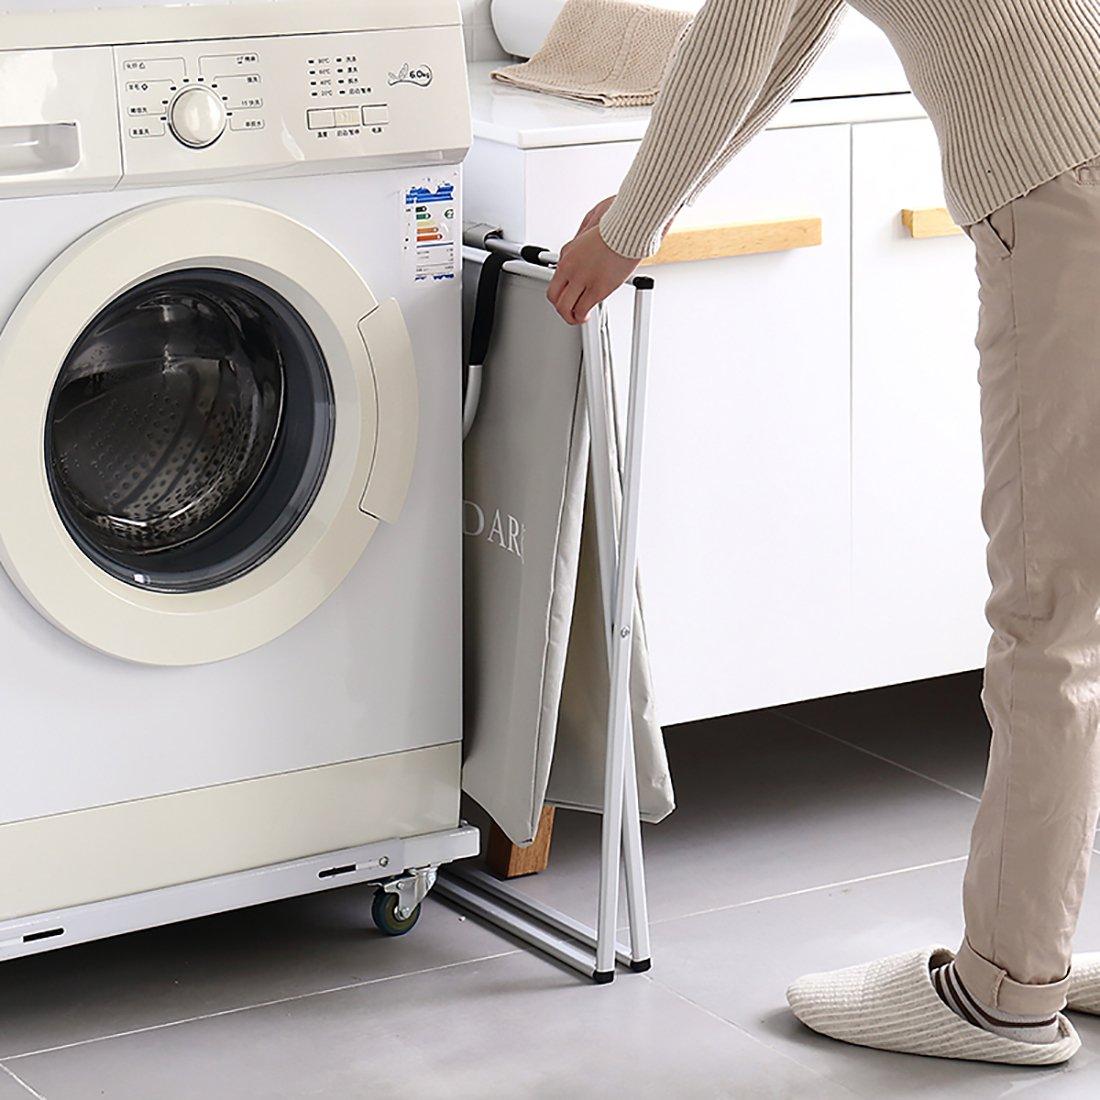 Ihomagic Cesto para Ropa Sucia Plegable Bolsa Colada para Baño Con Doble Compartimiento Organizador Lavandería Resistente para Cocina Dormitorio Hotel Viaje ...